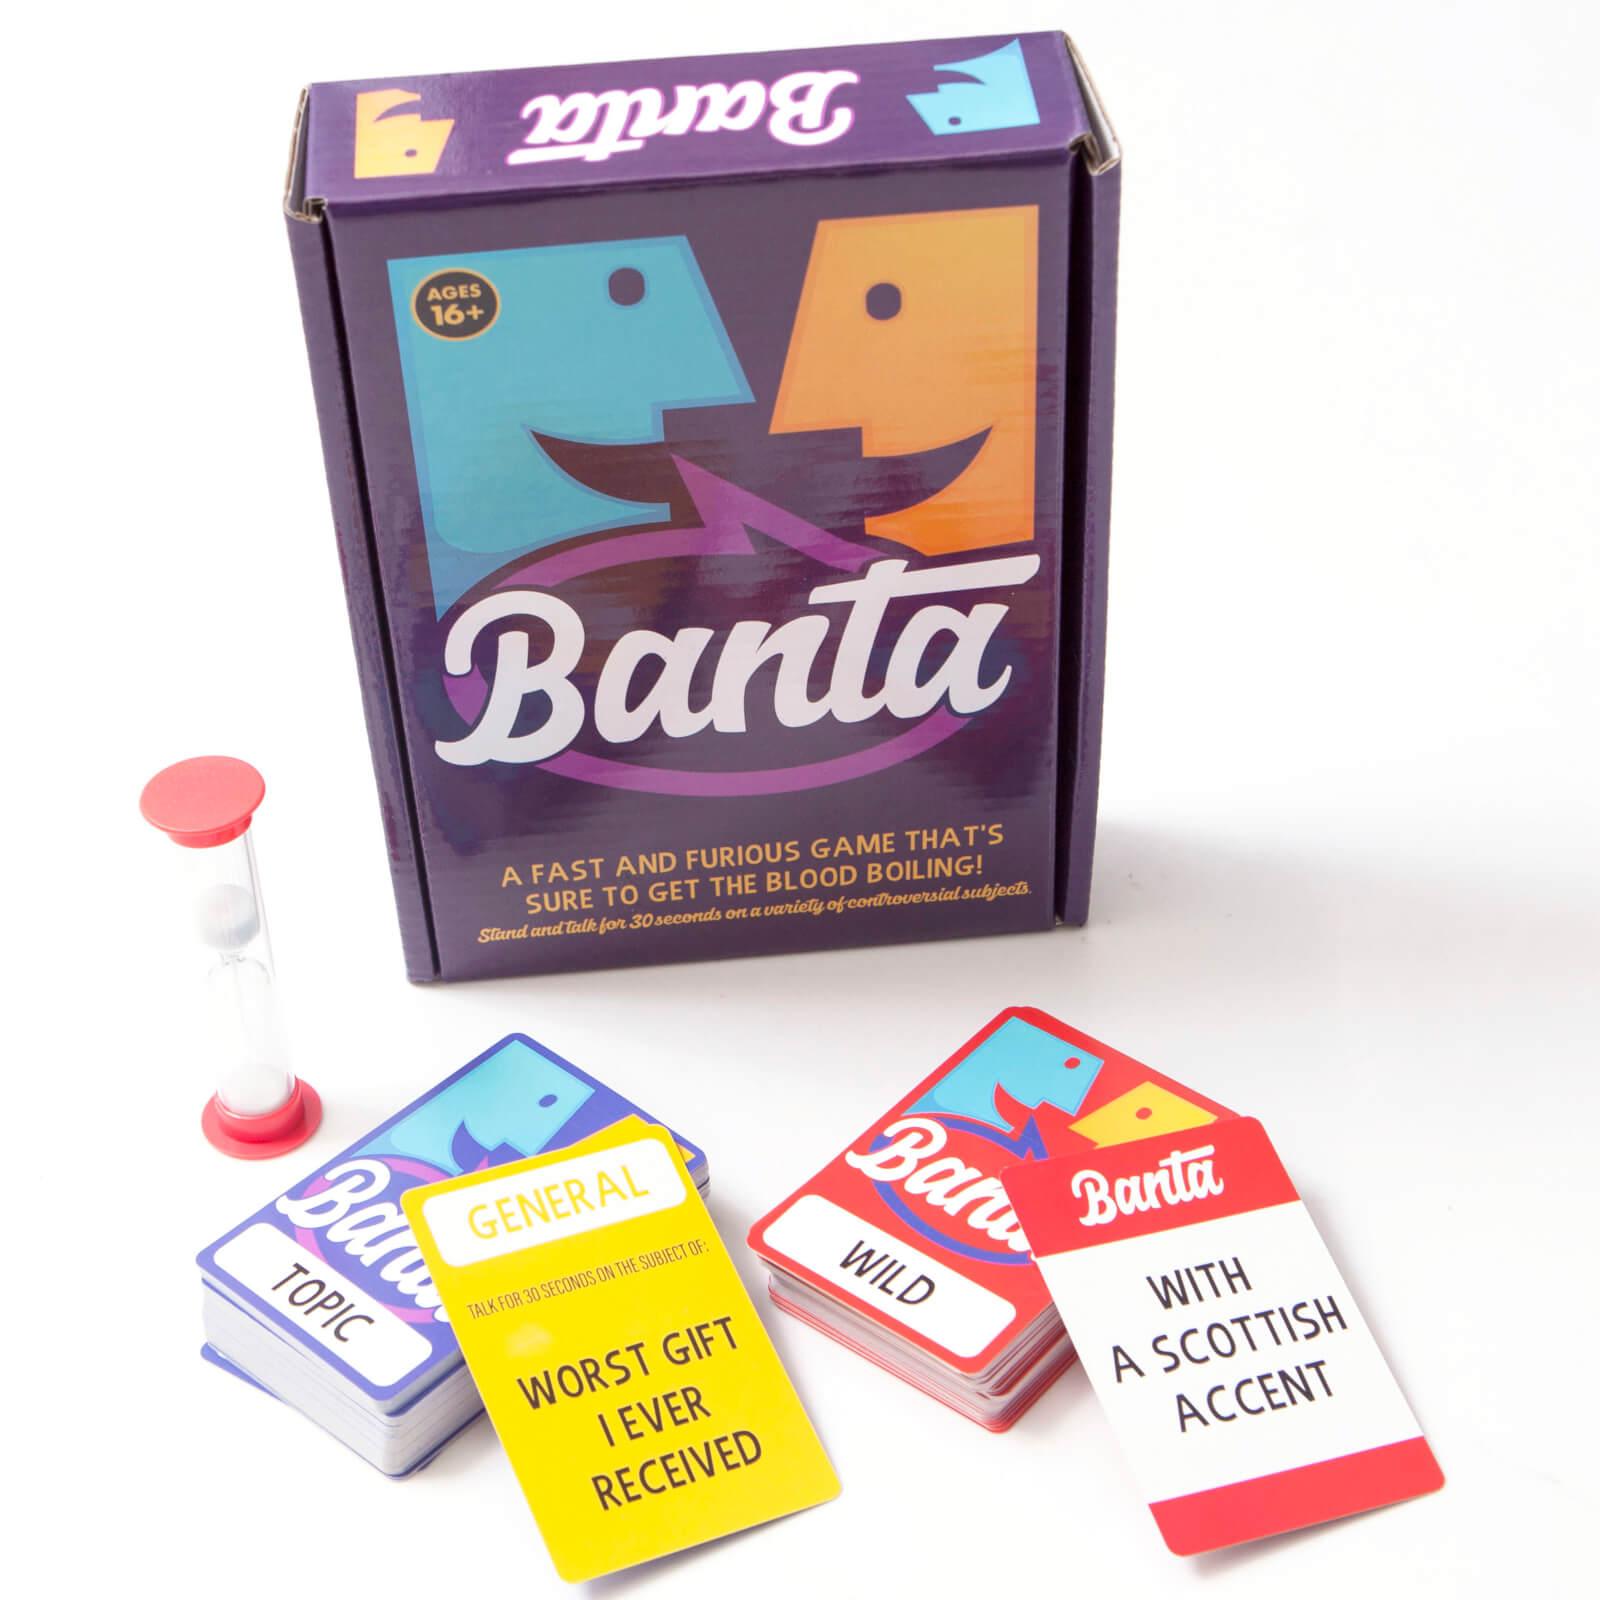 Image of Banta Game